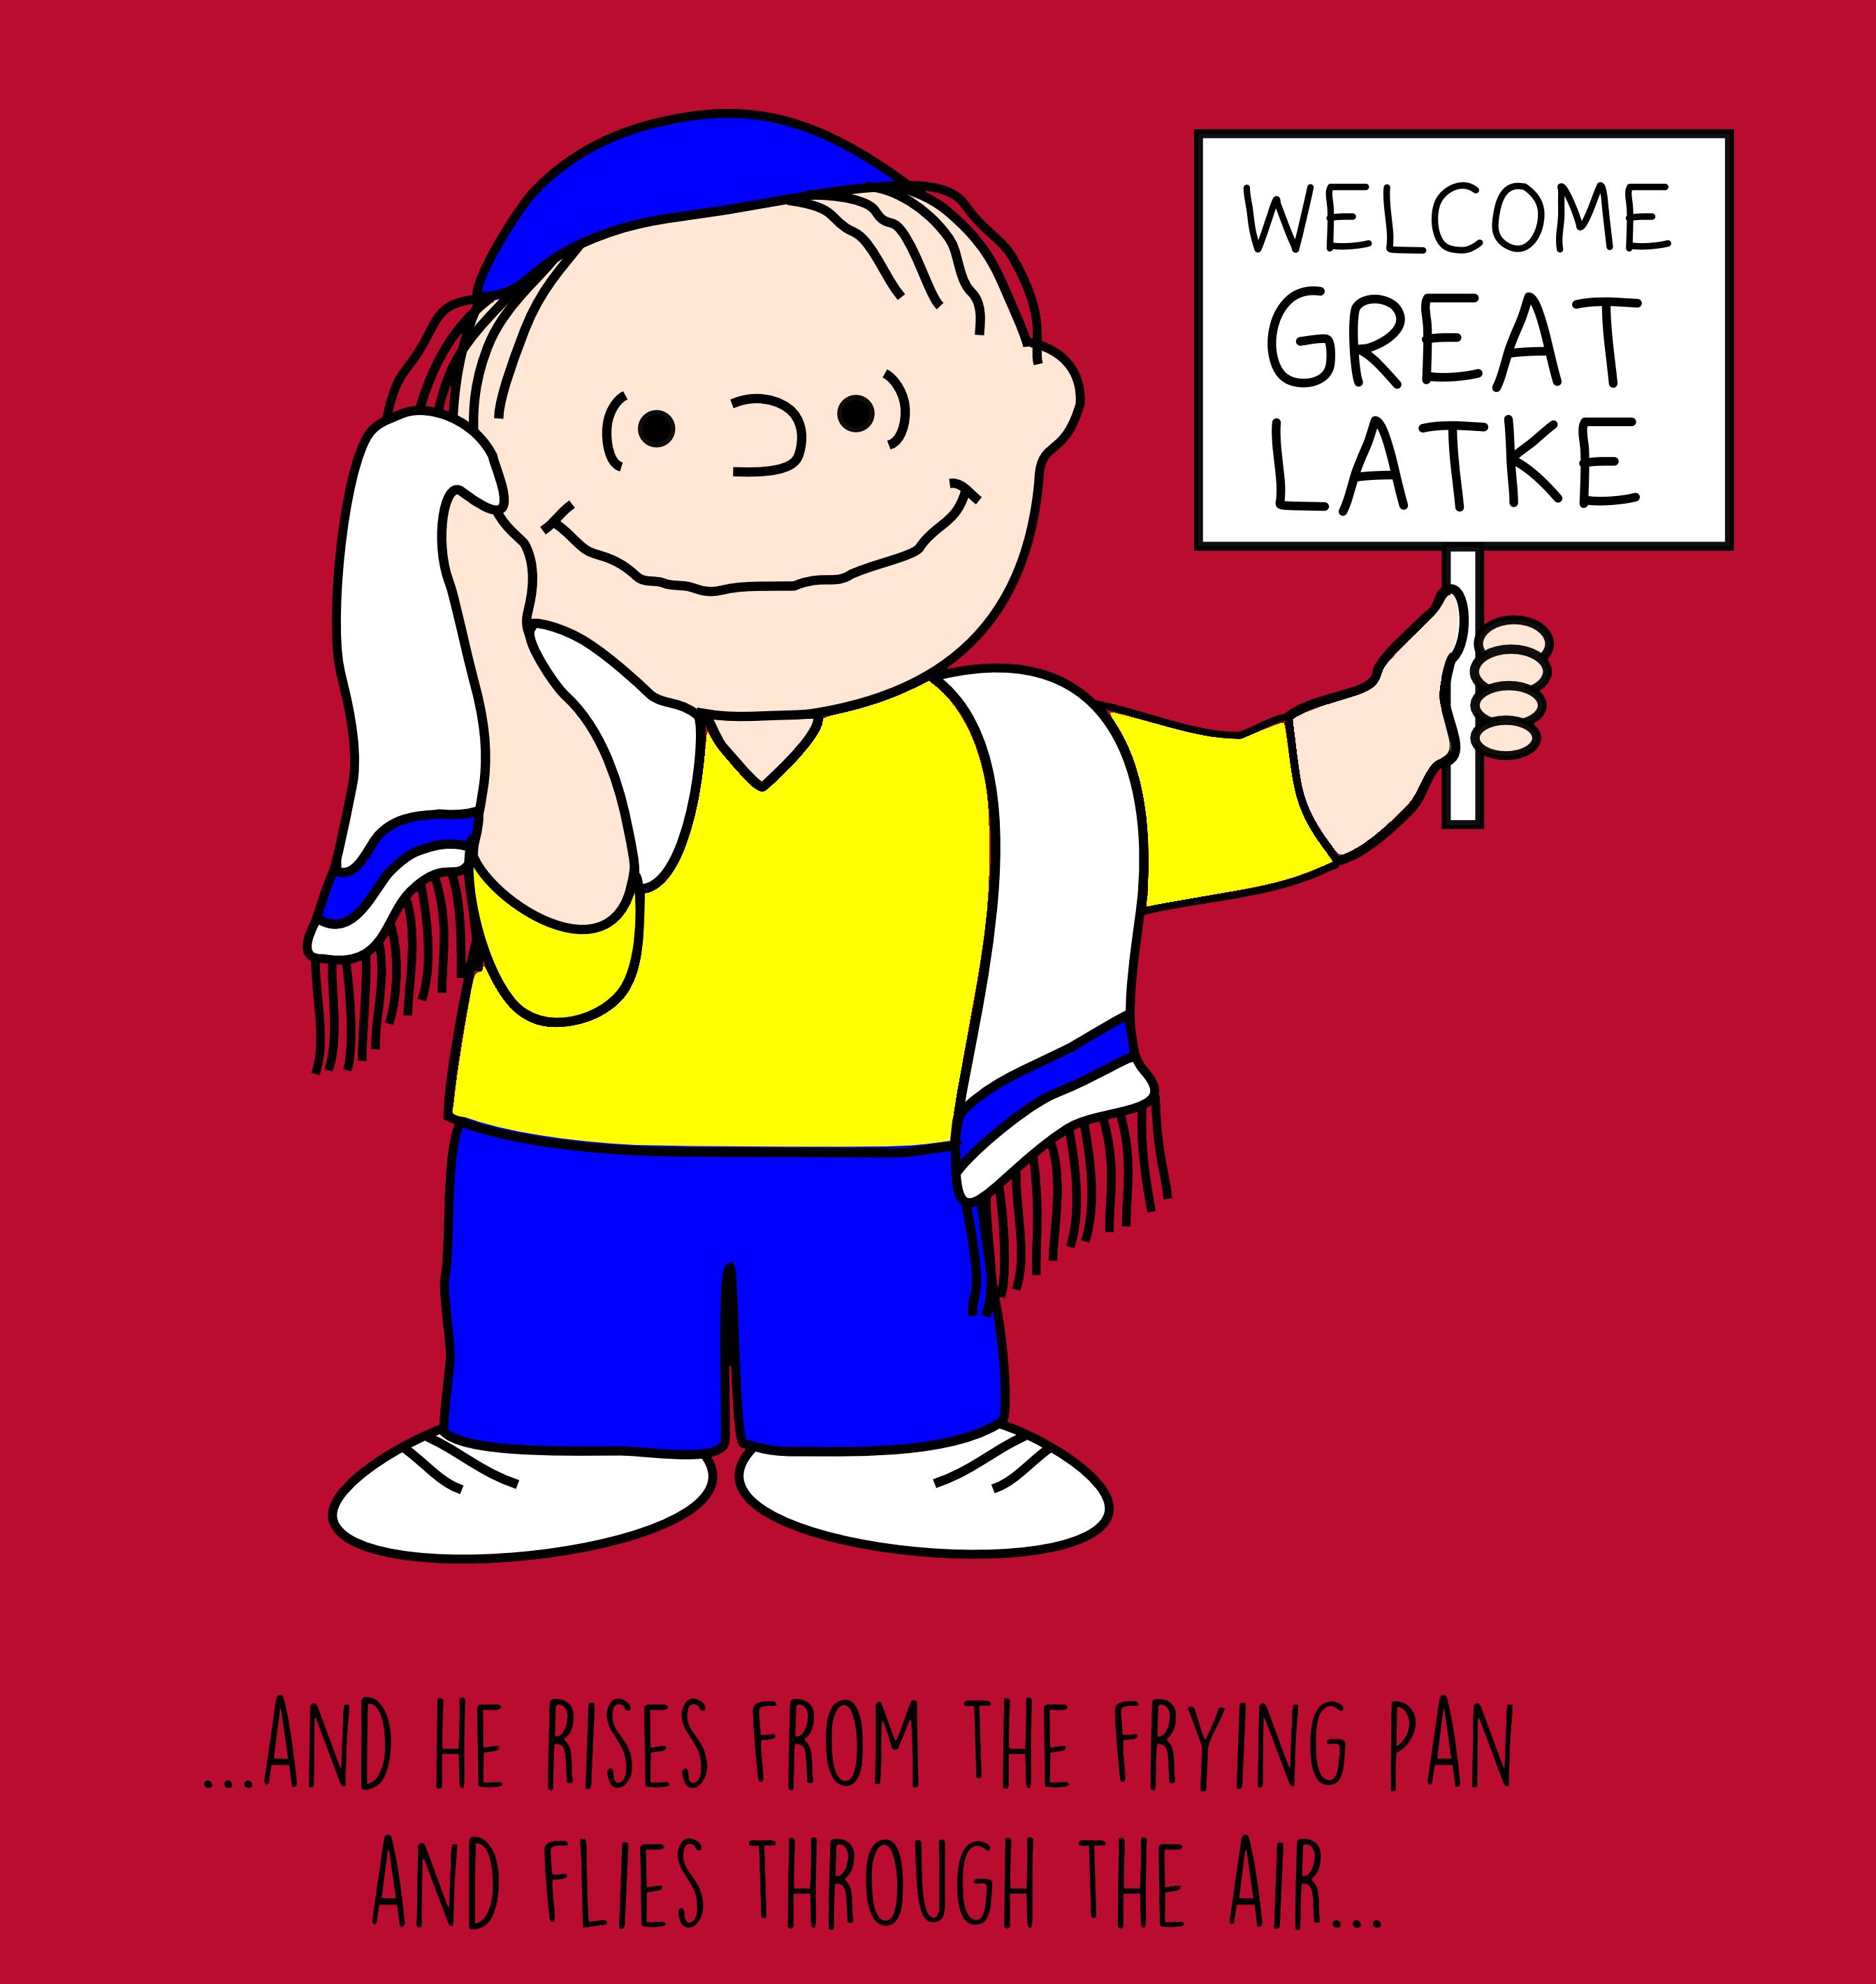 It's the Great Latke!